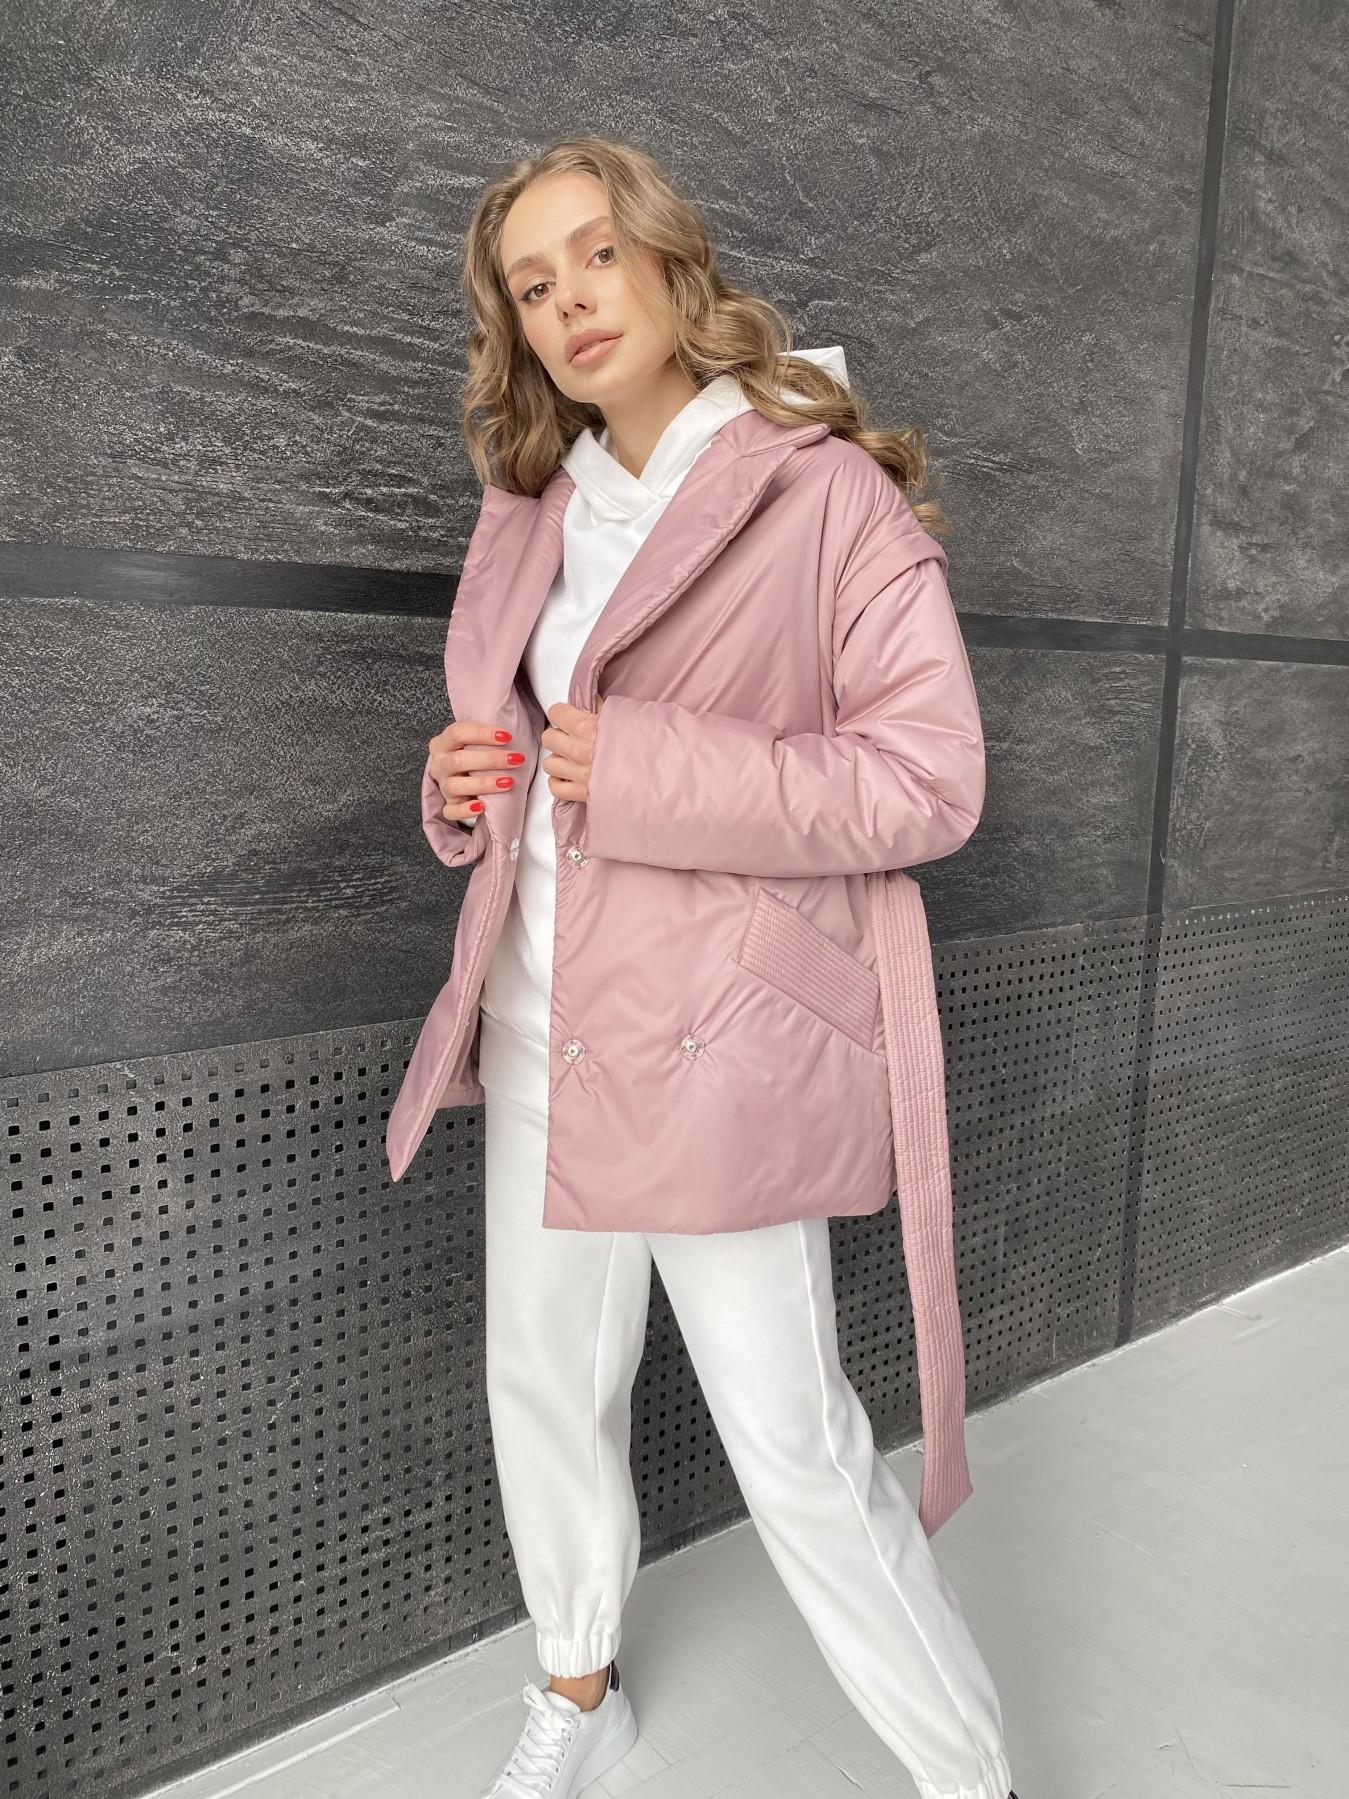 Форбс куртка из плащевой ткани 10986 АРТ. 47477 Цвет: Пудра - фото 8, интернет магазин tm-modus.ru